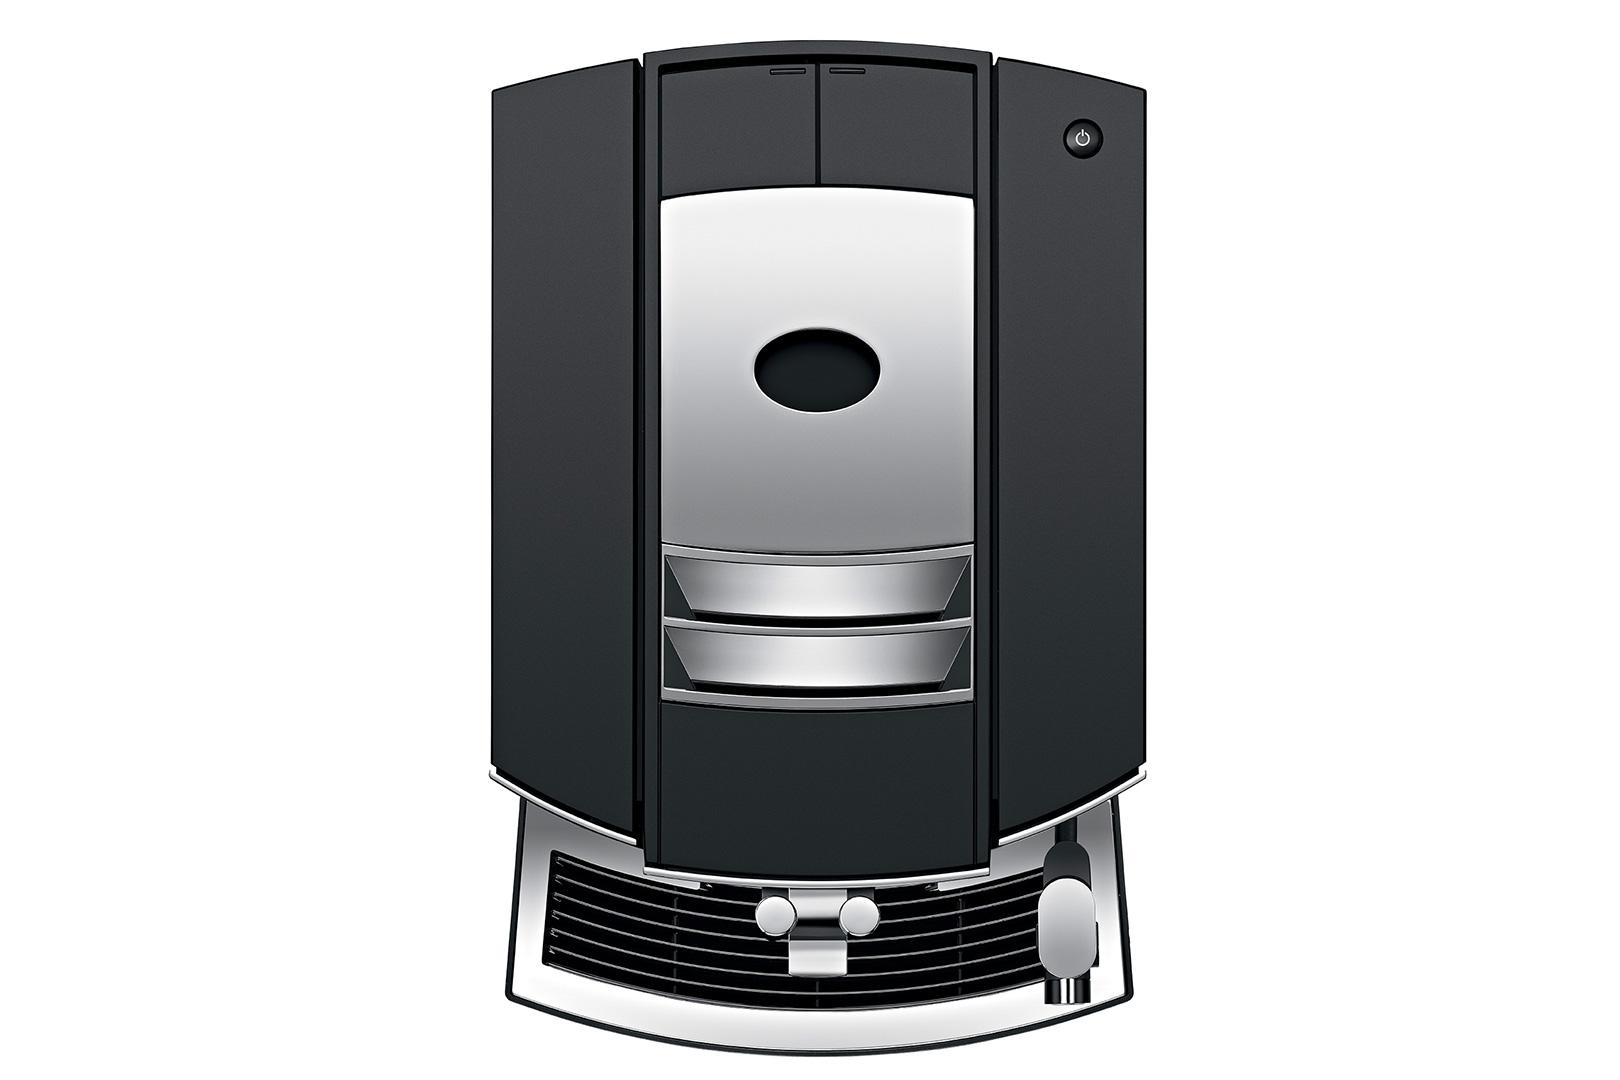 Jura S8 Kaffeemaschine